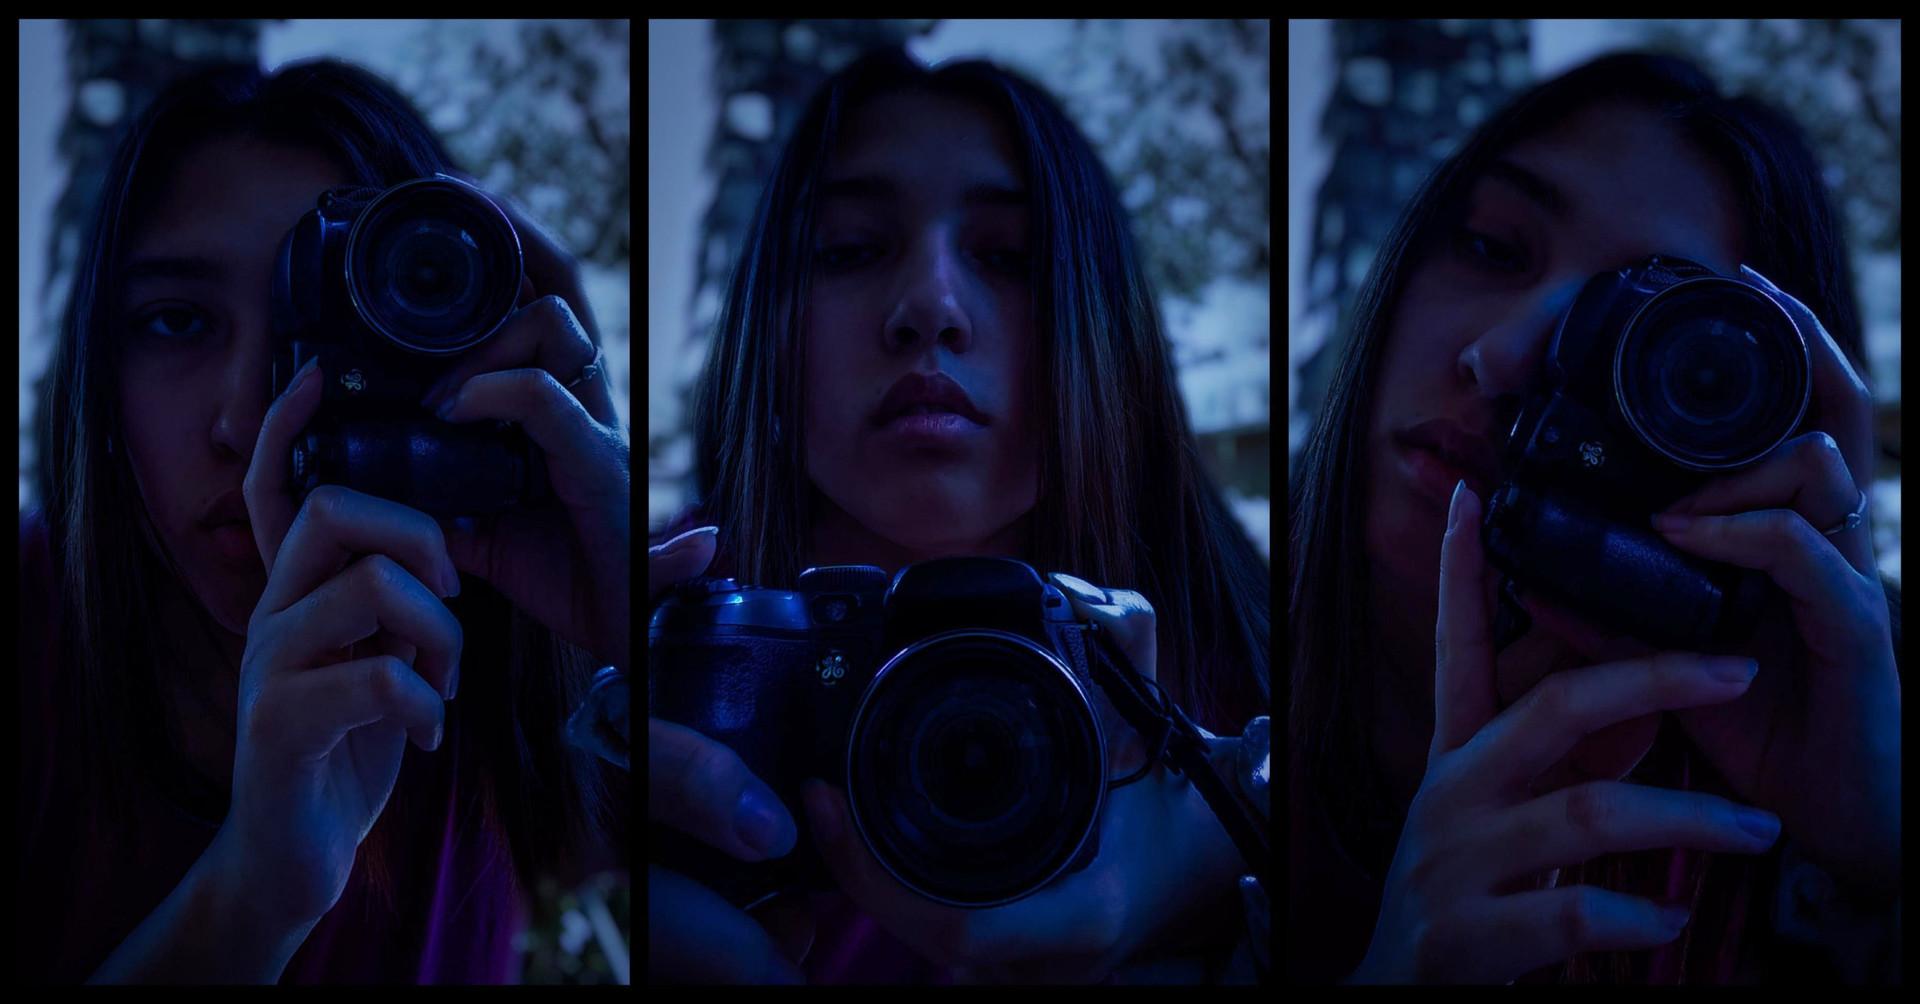 Anaya Castillo